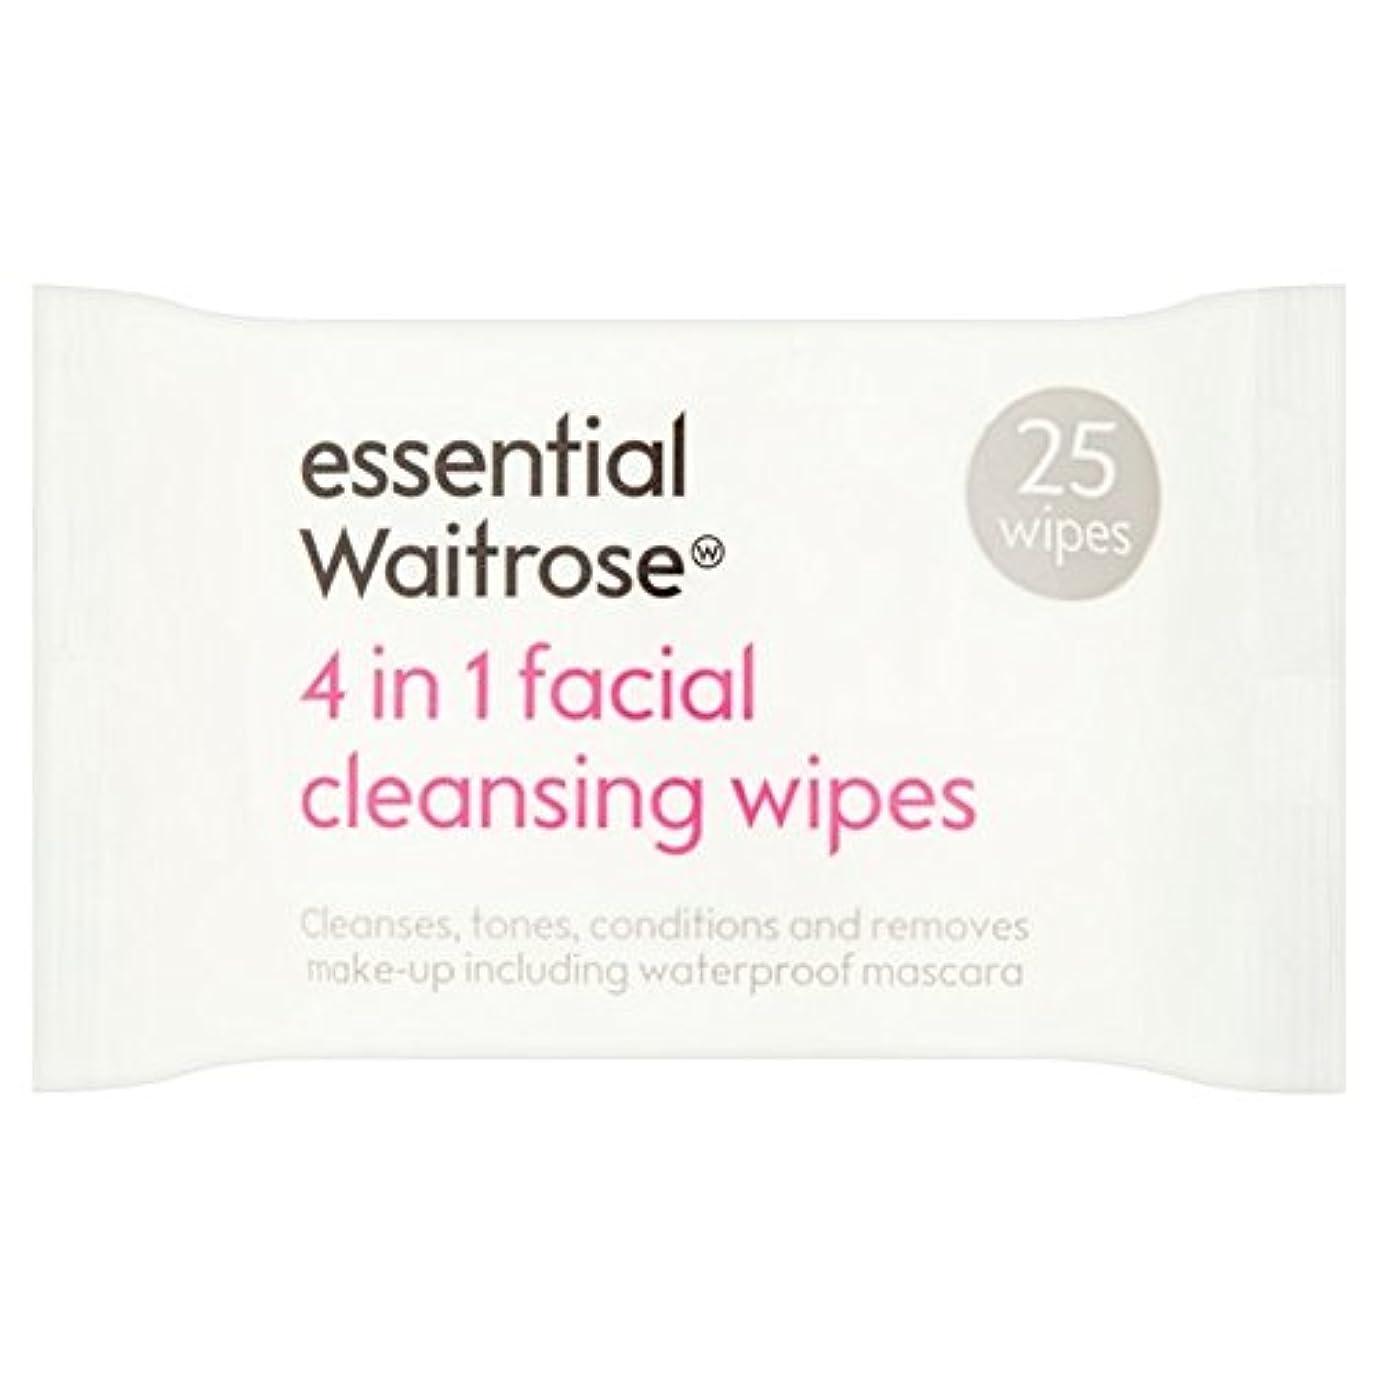 貸し手アルミニウムラベル3 1での顔のワイプパックあたり不可欠ウェイトローズ25 x4 - 3 in 1 Facial Wipes essential Waitrose 25 per pack (Pack of 4) [並行輸入品]